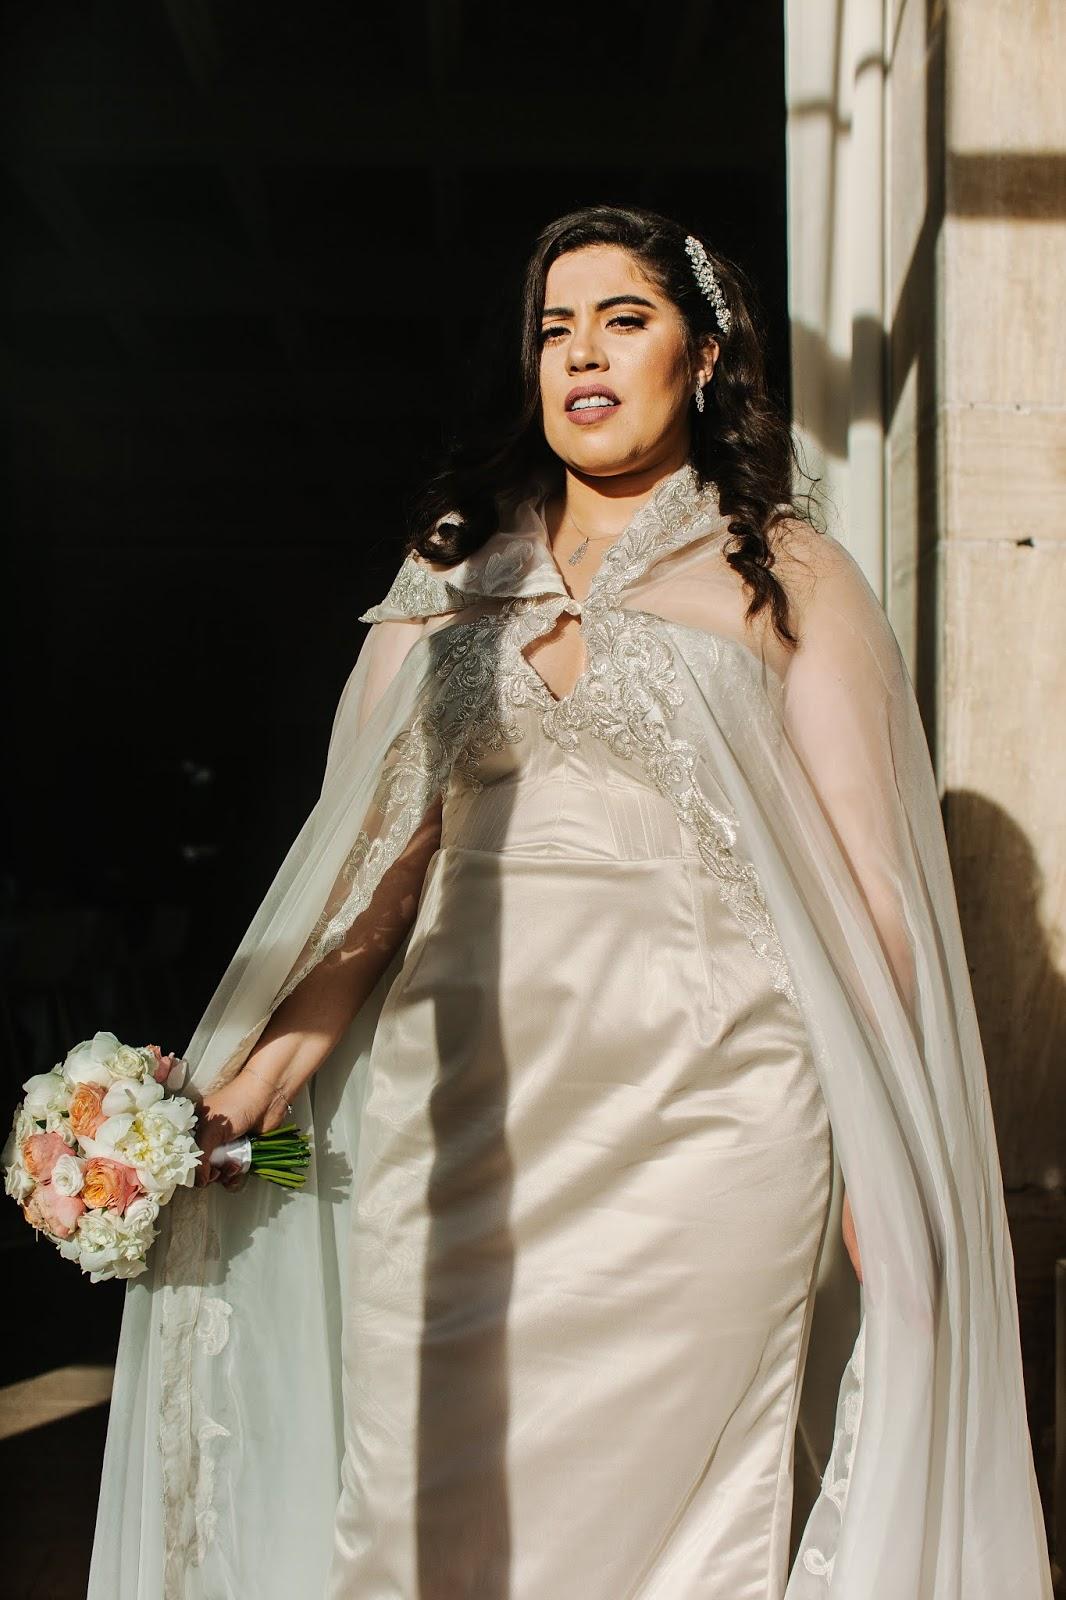 2d1997c254 Quand on achète une robe dans le commerce on ne se rend pas compte de  toutes les étapes nécessaires pour créer un vêtement . On ne réalise pas  qu'il faut un ...